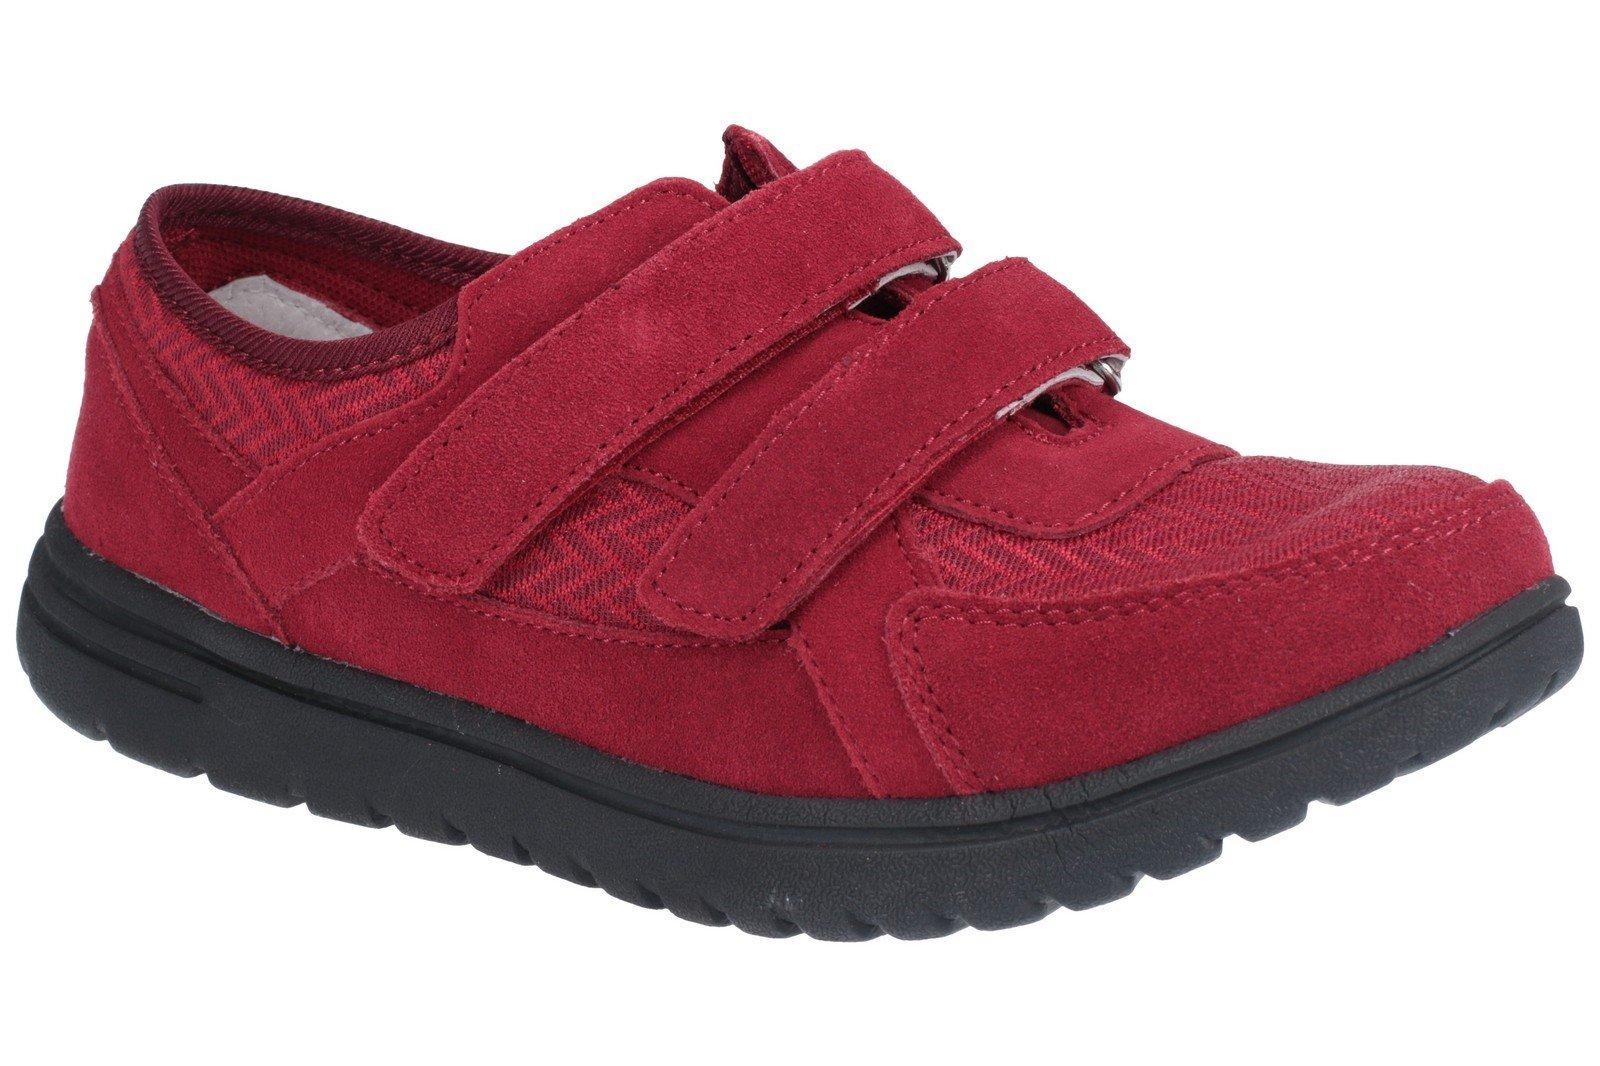 Fleet & Foster Women's Jean Touch Fasten Shoe Black 27154-45624 - Bordo 3